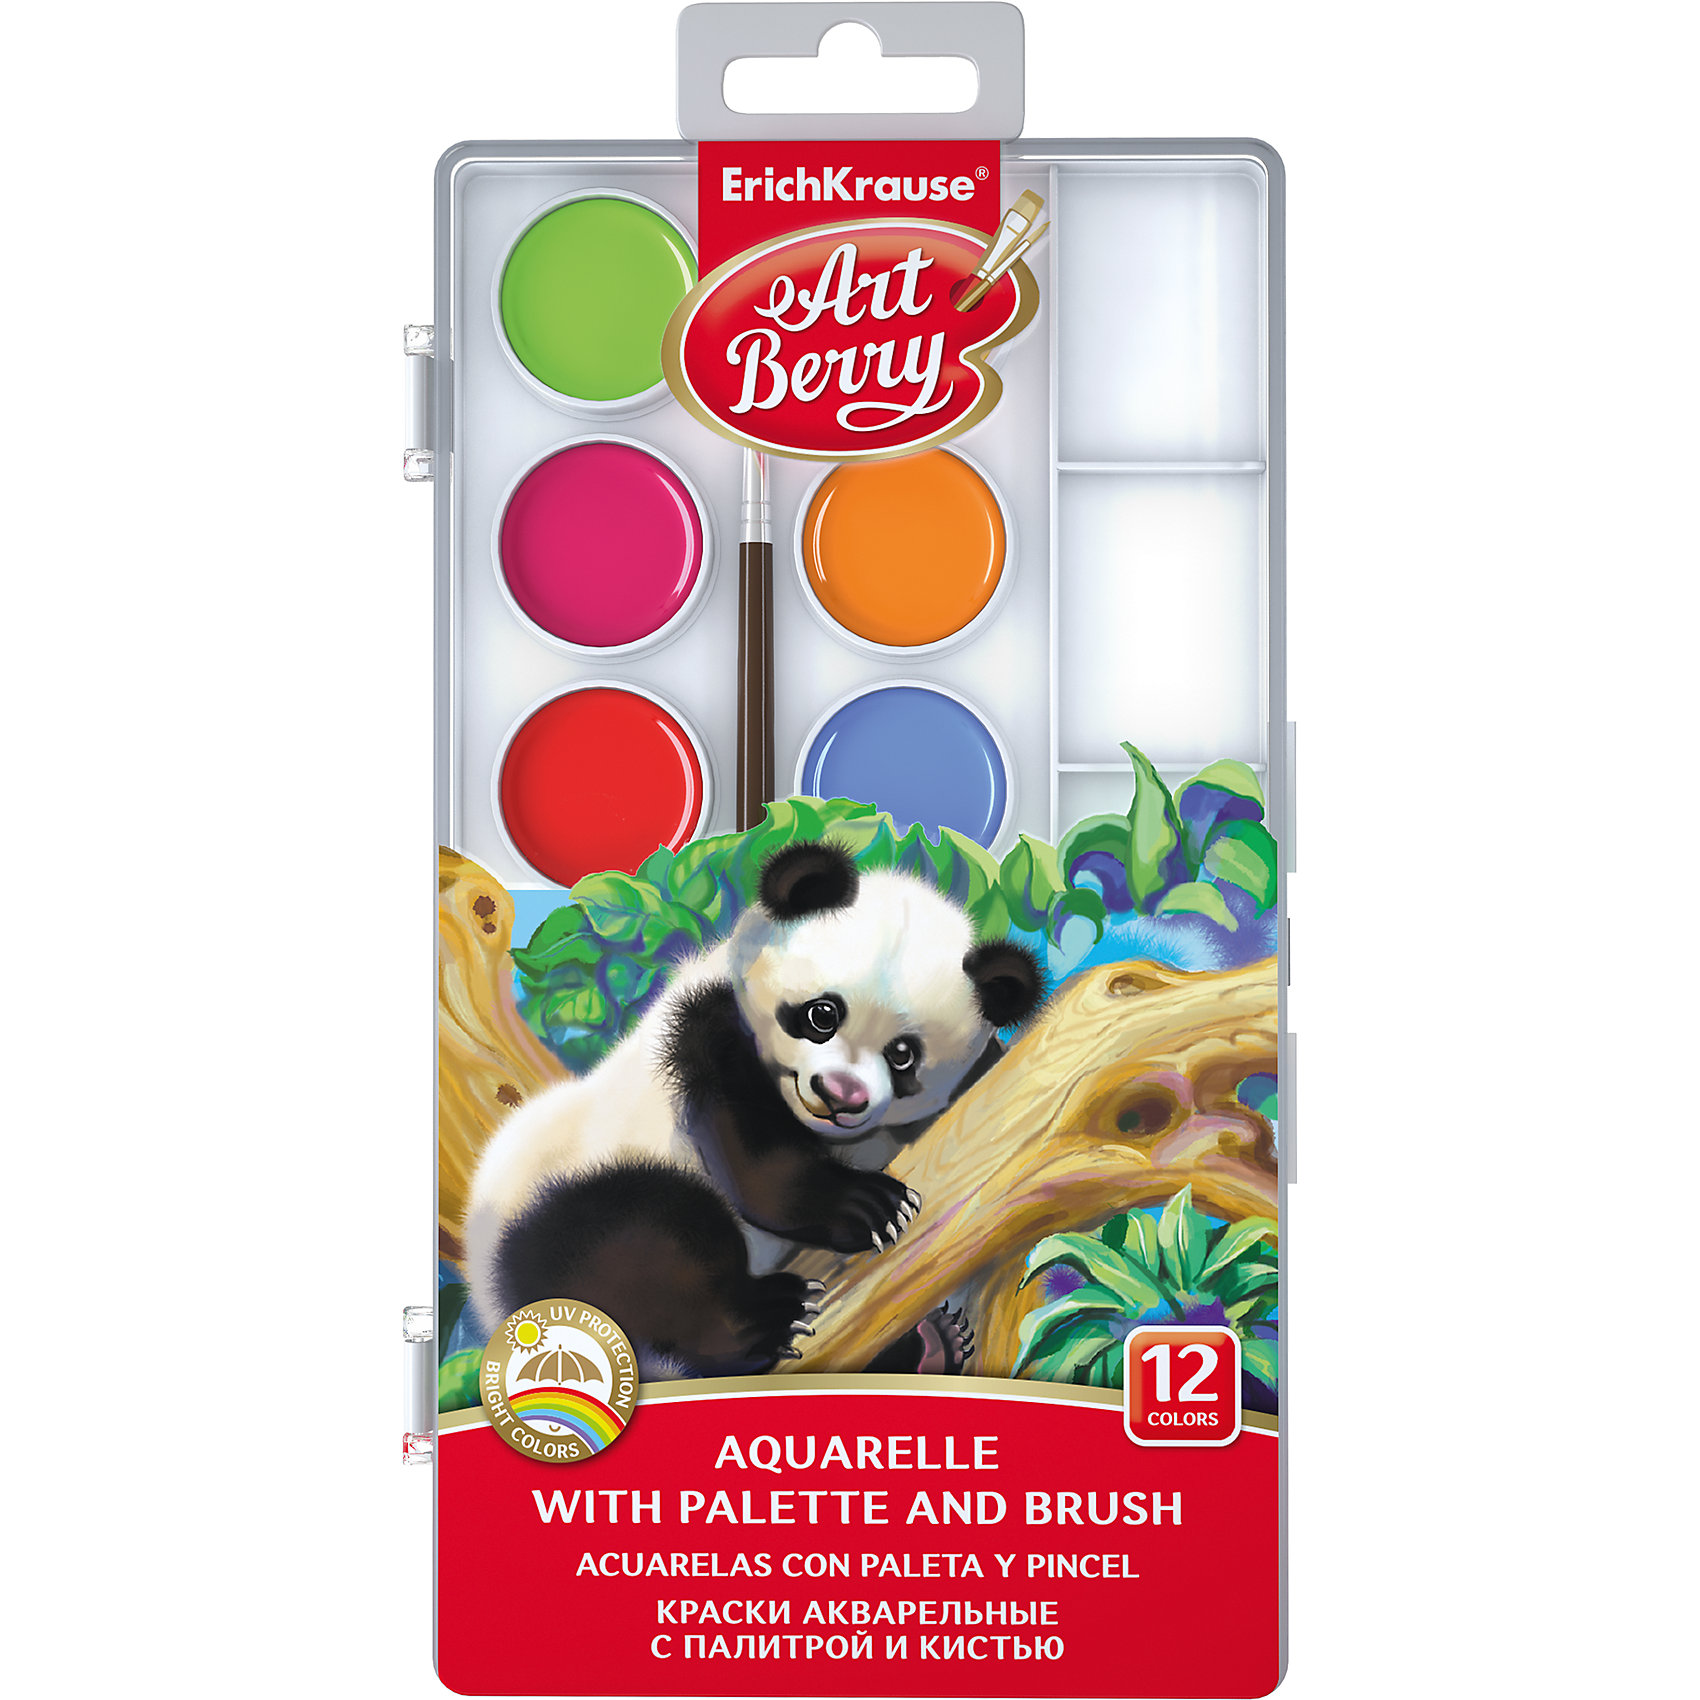 Краски акварельные ArtBerry, 12 цветов с УФ защитой яркости, с палитрой и кистьюРисование и лепка<br>Характеристики акварельных красок ArtBerry:<br><br>• возраст: от 5 лет<br>• пол: для мальчиков и девочек<br>• материал: пластик, краситель, связующее вещество.<br>• размер упаковки: 18.5х7х1 см.<br>• упаковка: пластиковая коробка.<br>• тип: акварельные полусухие.<br>• количество цветов: 12.<br>• бренд: Erich Krause<br>• страна обладатель бренда: Россия.<br><br>Краски акварельные ArtBerry легко развести небольшим количеством воды. Равномерно распределяется по поверхности. Высокое содержание цветового пигмента дает как интенсивные так и полупрозрачные оттенки. С помощью акварельных красок можно наблюдать интересные переливы цвета, создавая простые или сложные рисунки. Акварельные краски подойдут и малышам и взрослым для рисования дома, в школе, в художественных студиях, для профессиональных художников. <br><br>Акварельные краски ArtBerry с палитрой и кистью торговой марки Erich Krause  можно купить в нашем интернет-магазине.<br><br>Ширина мм: 107<br>Глубина мм: 204<br>Высота мм: 13<br>Вес г: 113<br>Возраст от месяцев: 60<br>Возраст до месяцев: 216<br>Пол: Унисекс<br>Возраст: Детский<br>SKU: 5409204